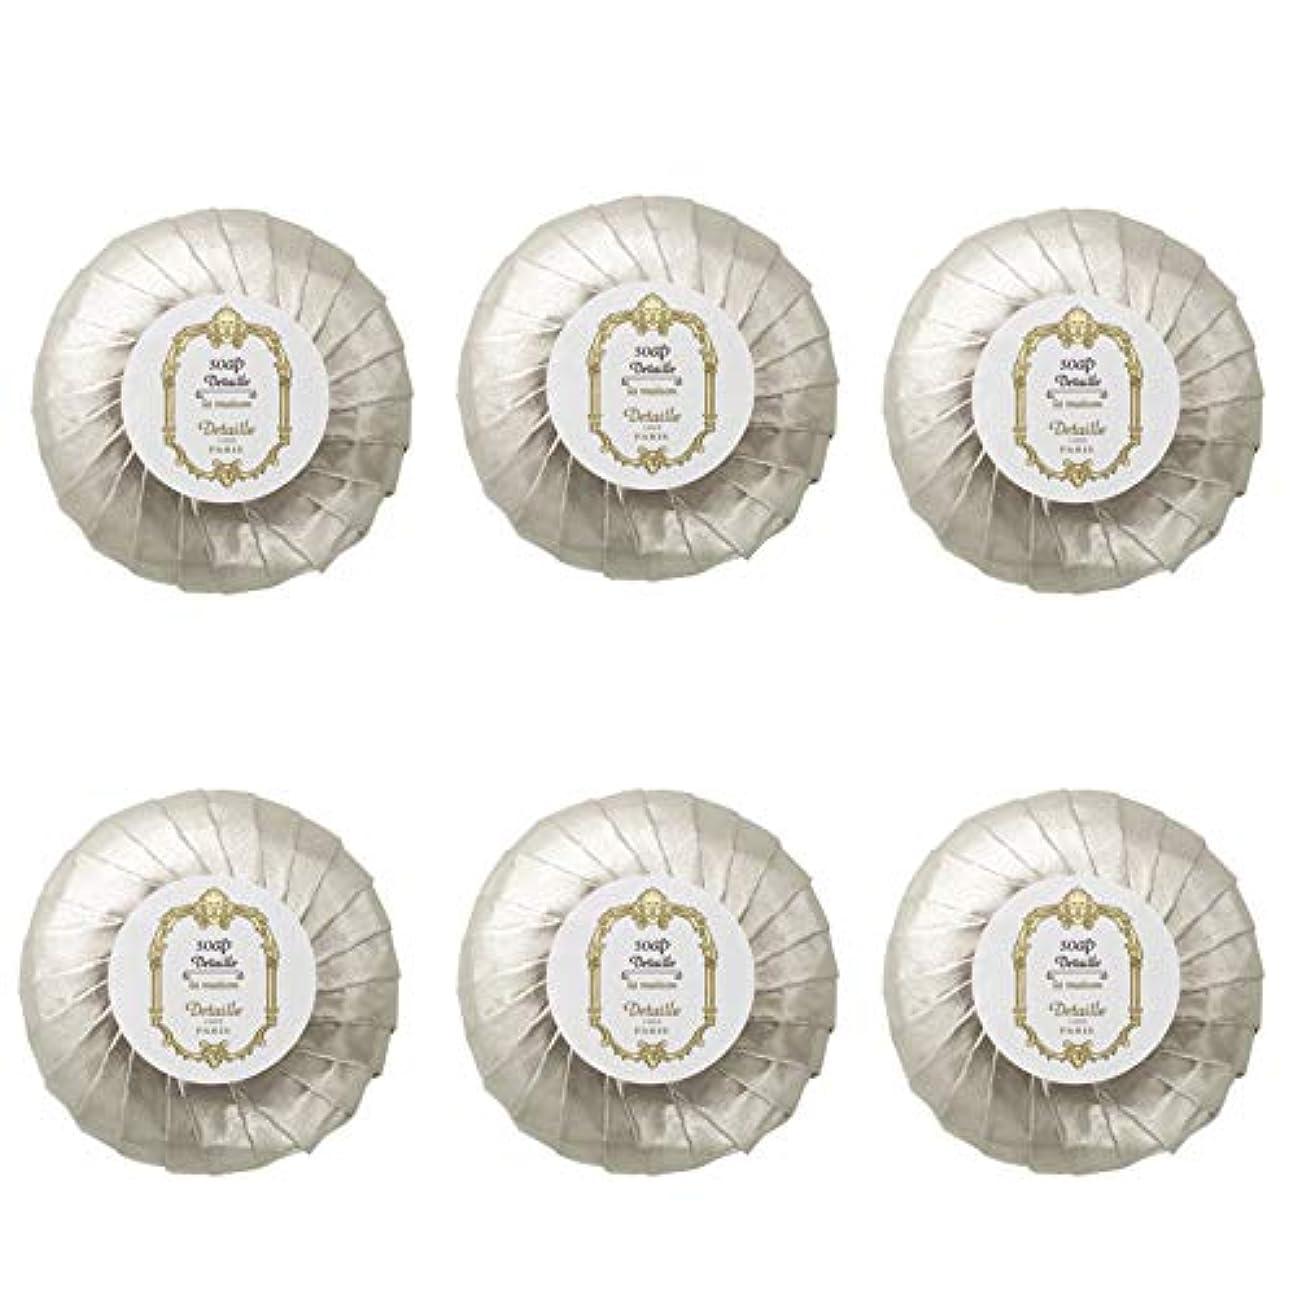 なめらか化石めまいがPOLA デタイユ ラ メゾン スキンソープ 固形石鹸 (プリーツ包装) 50g×6個